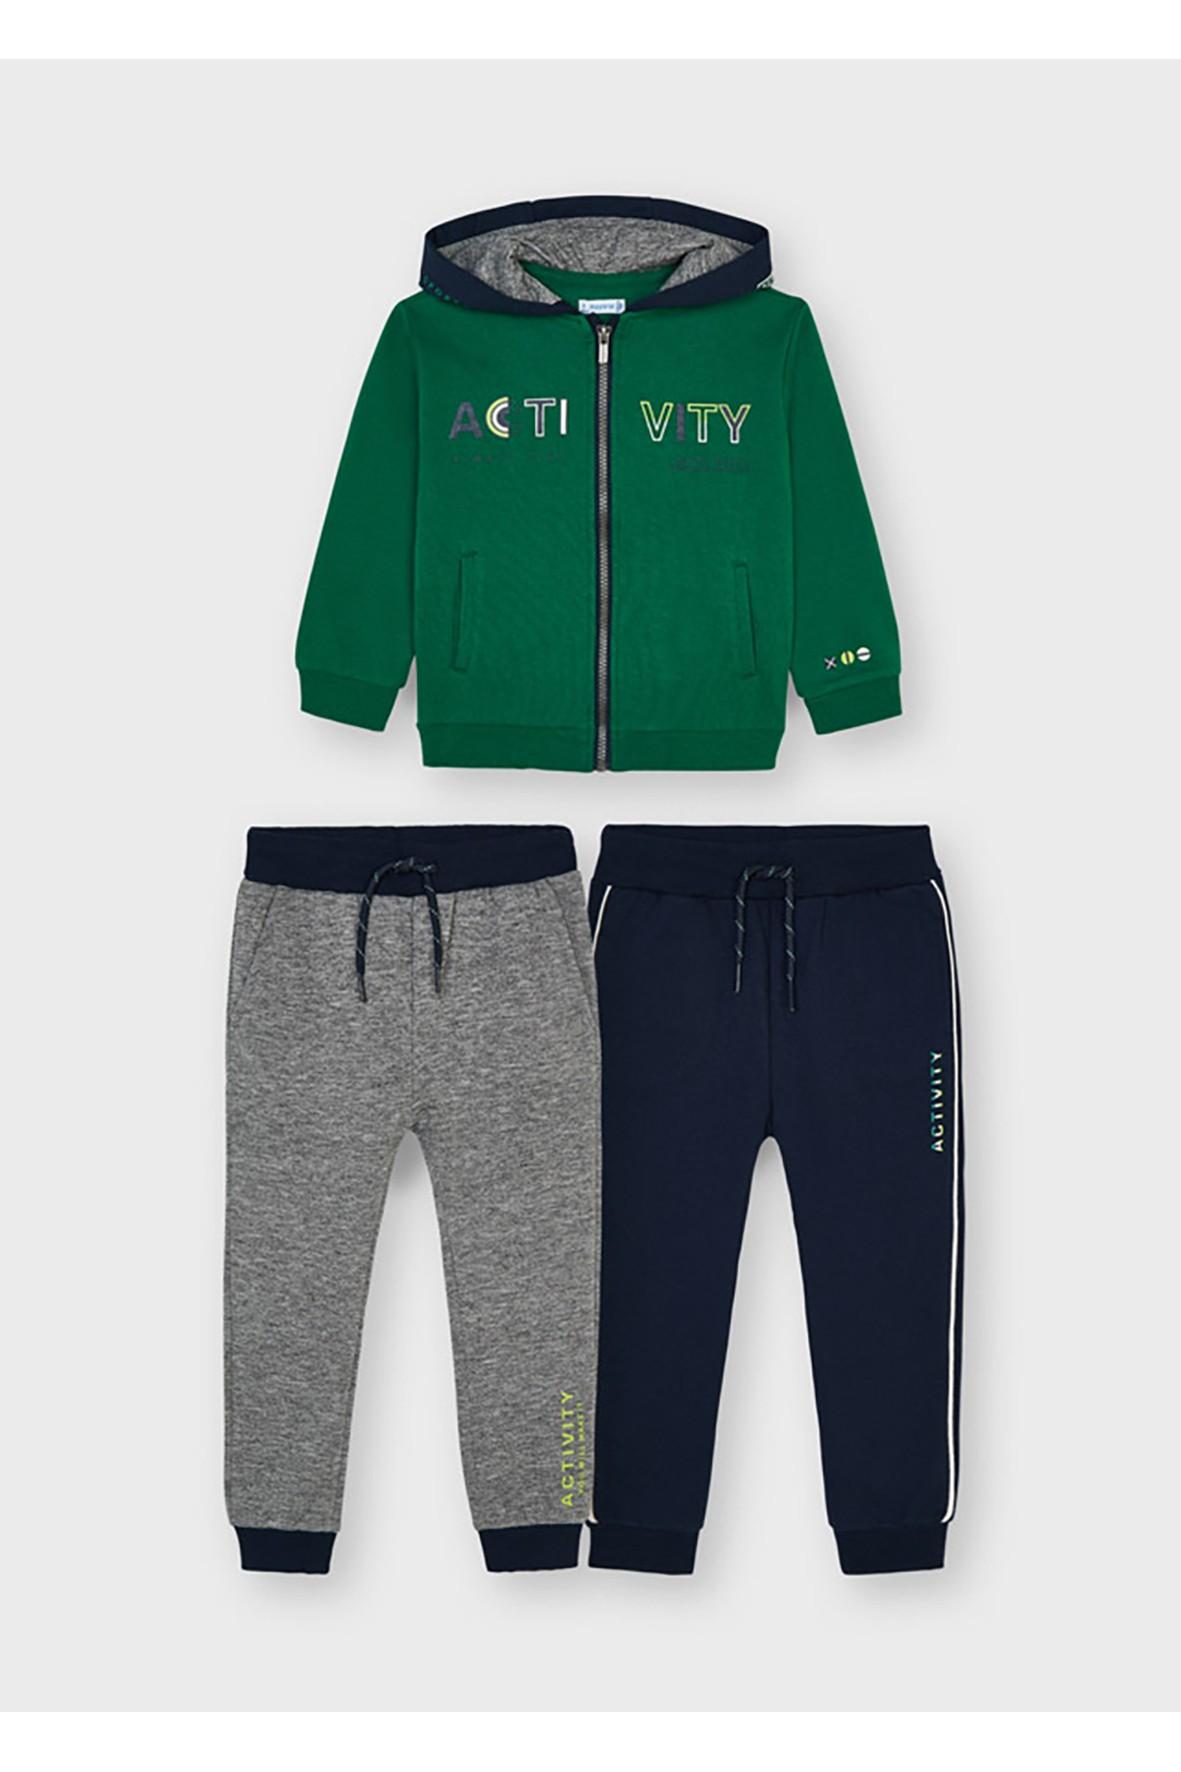 Komplet dresowy 3 częściowy - bluza z kapturem i dwie pary spodni dresowych